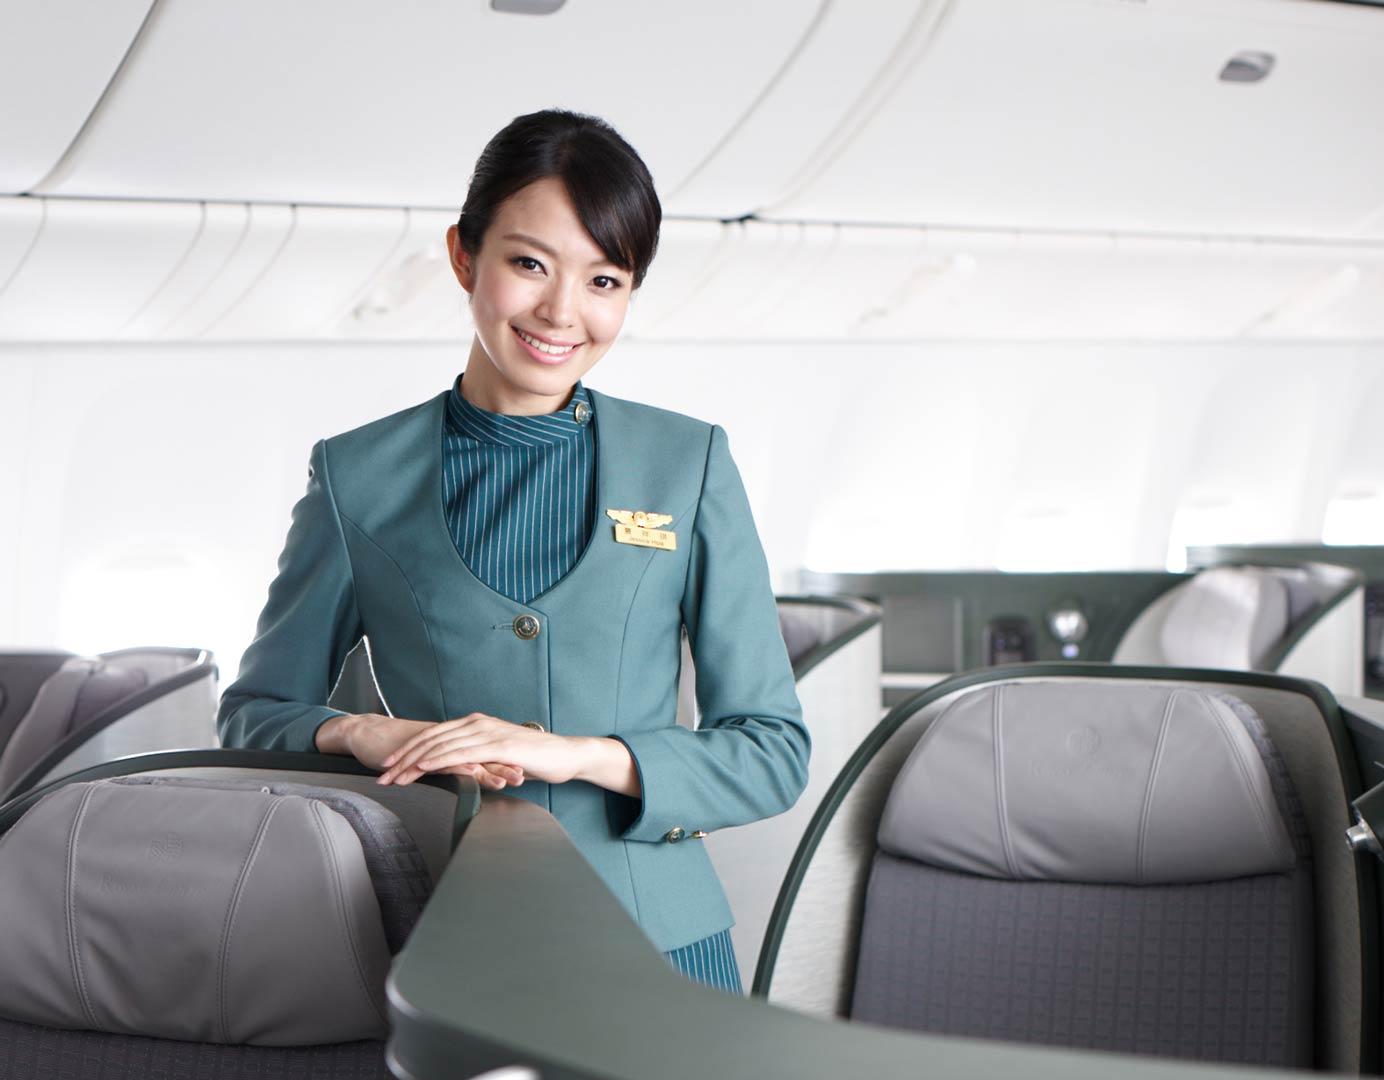 Vé Máy Bay Đi Phoenix Hãng Eva Air Chỉ 365 USD